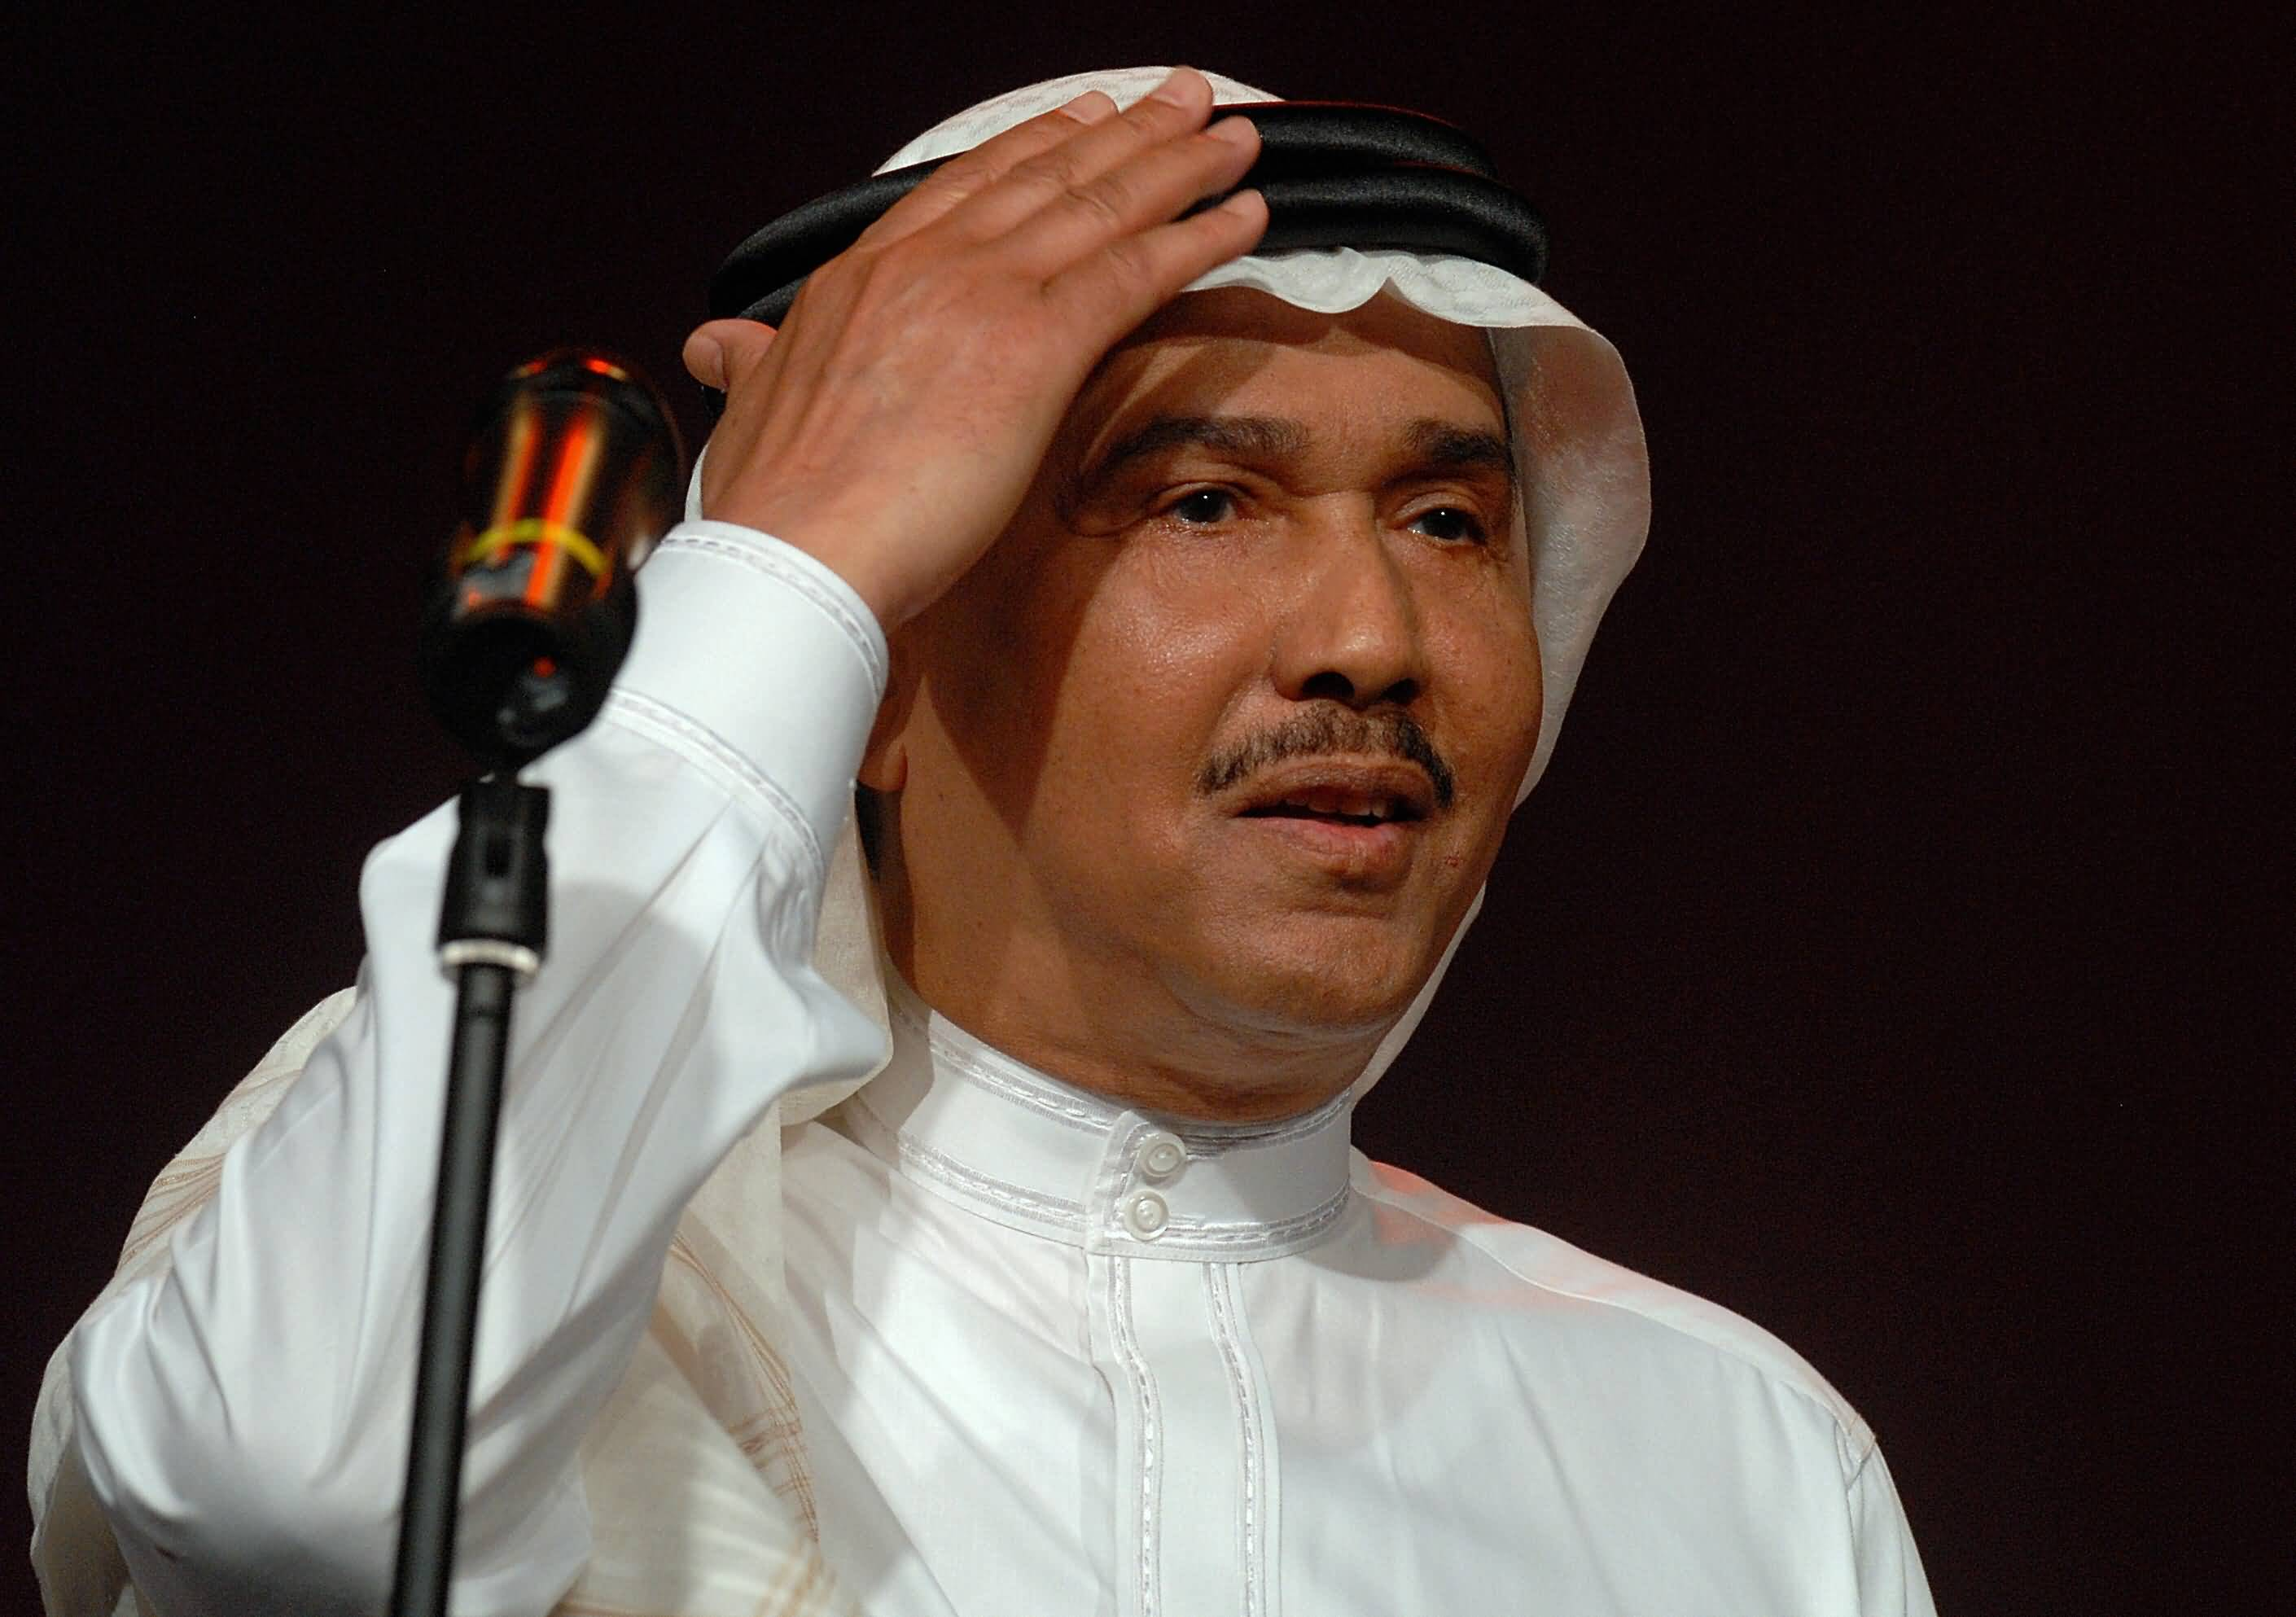 Photo of حفل فنان العرب محمد عبده في أبوظبي خلال ديسمبر القادم 2019